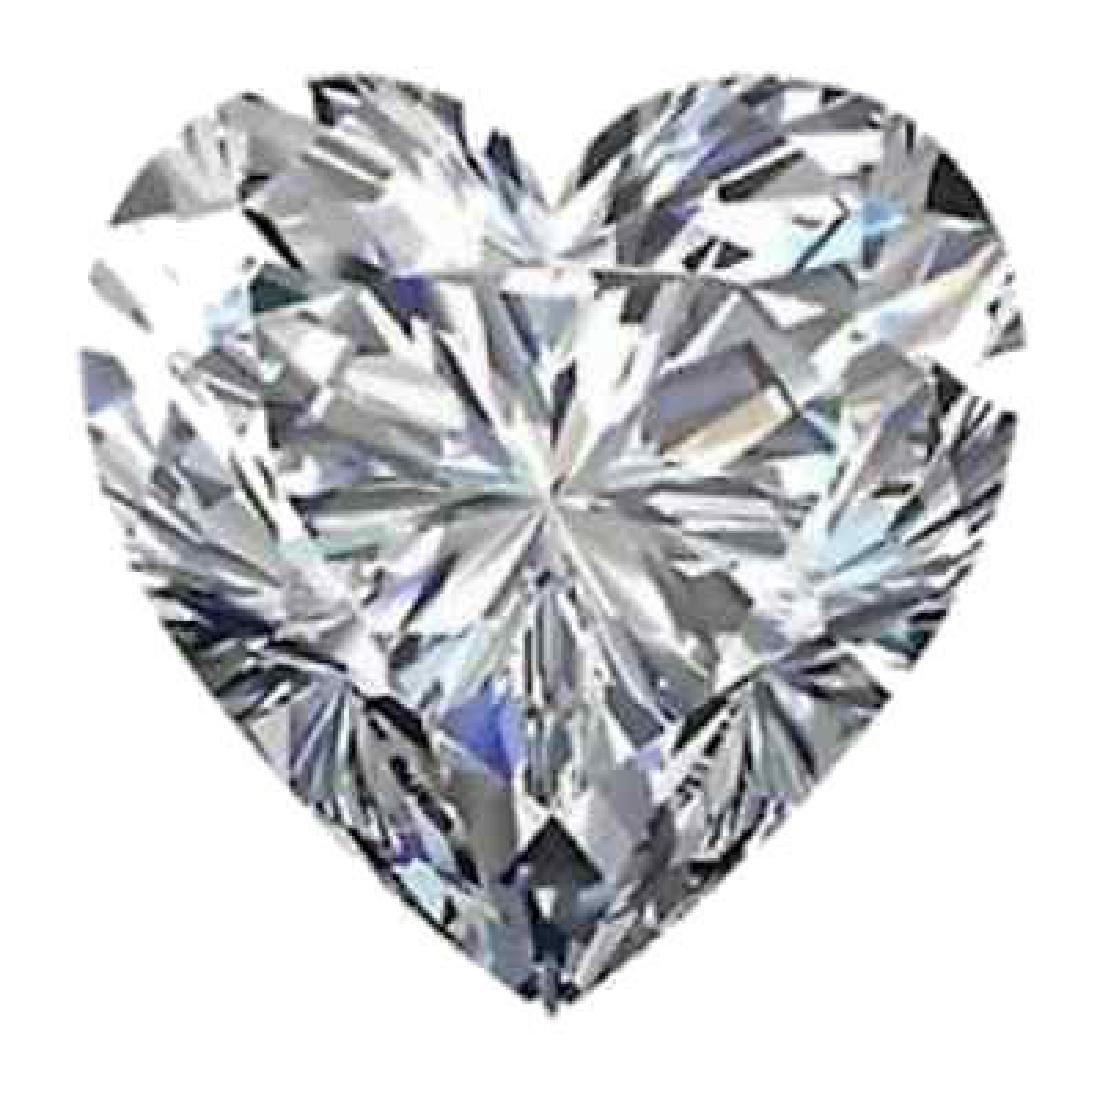 5.66cts- Bianco Diamond Heart Shaped Grade 6AAAAAA -